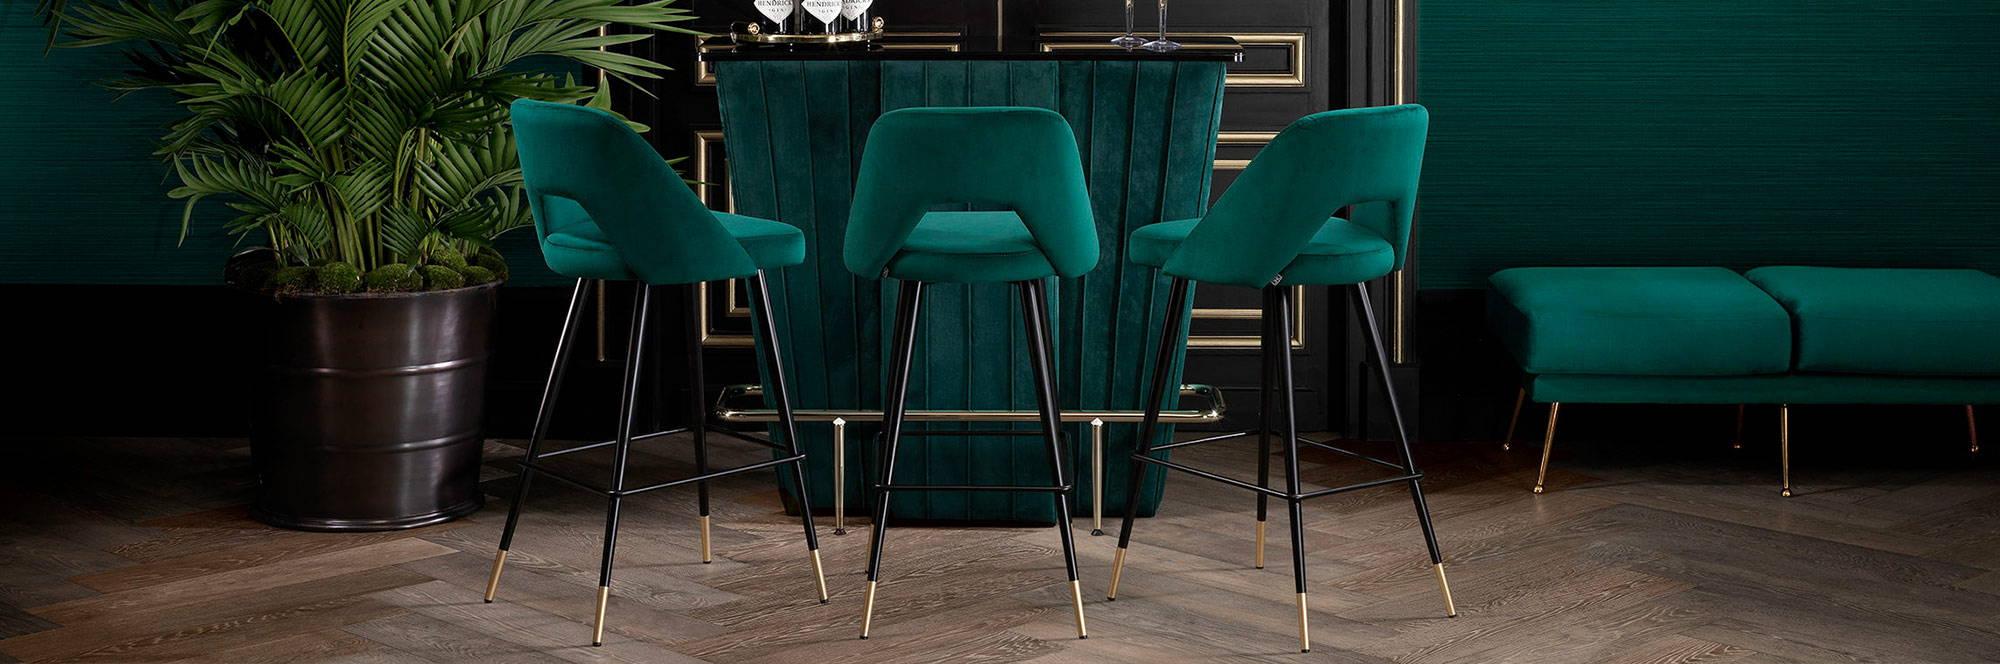 Eichholtz Furniture & Chairs - Luxury At Home Bar Design - LuxDeco.com